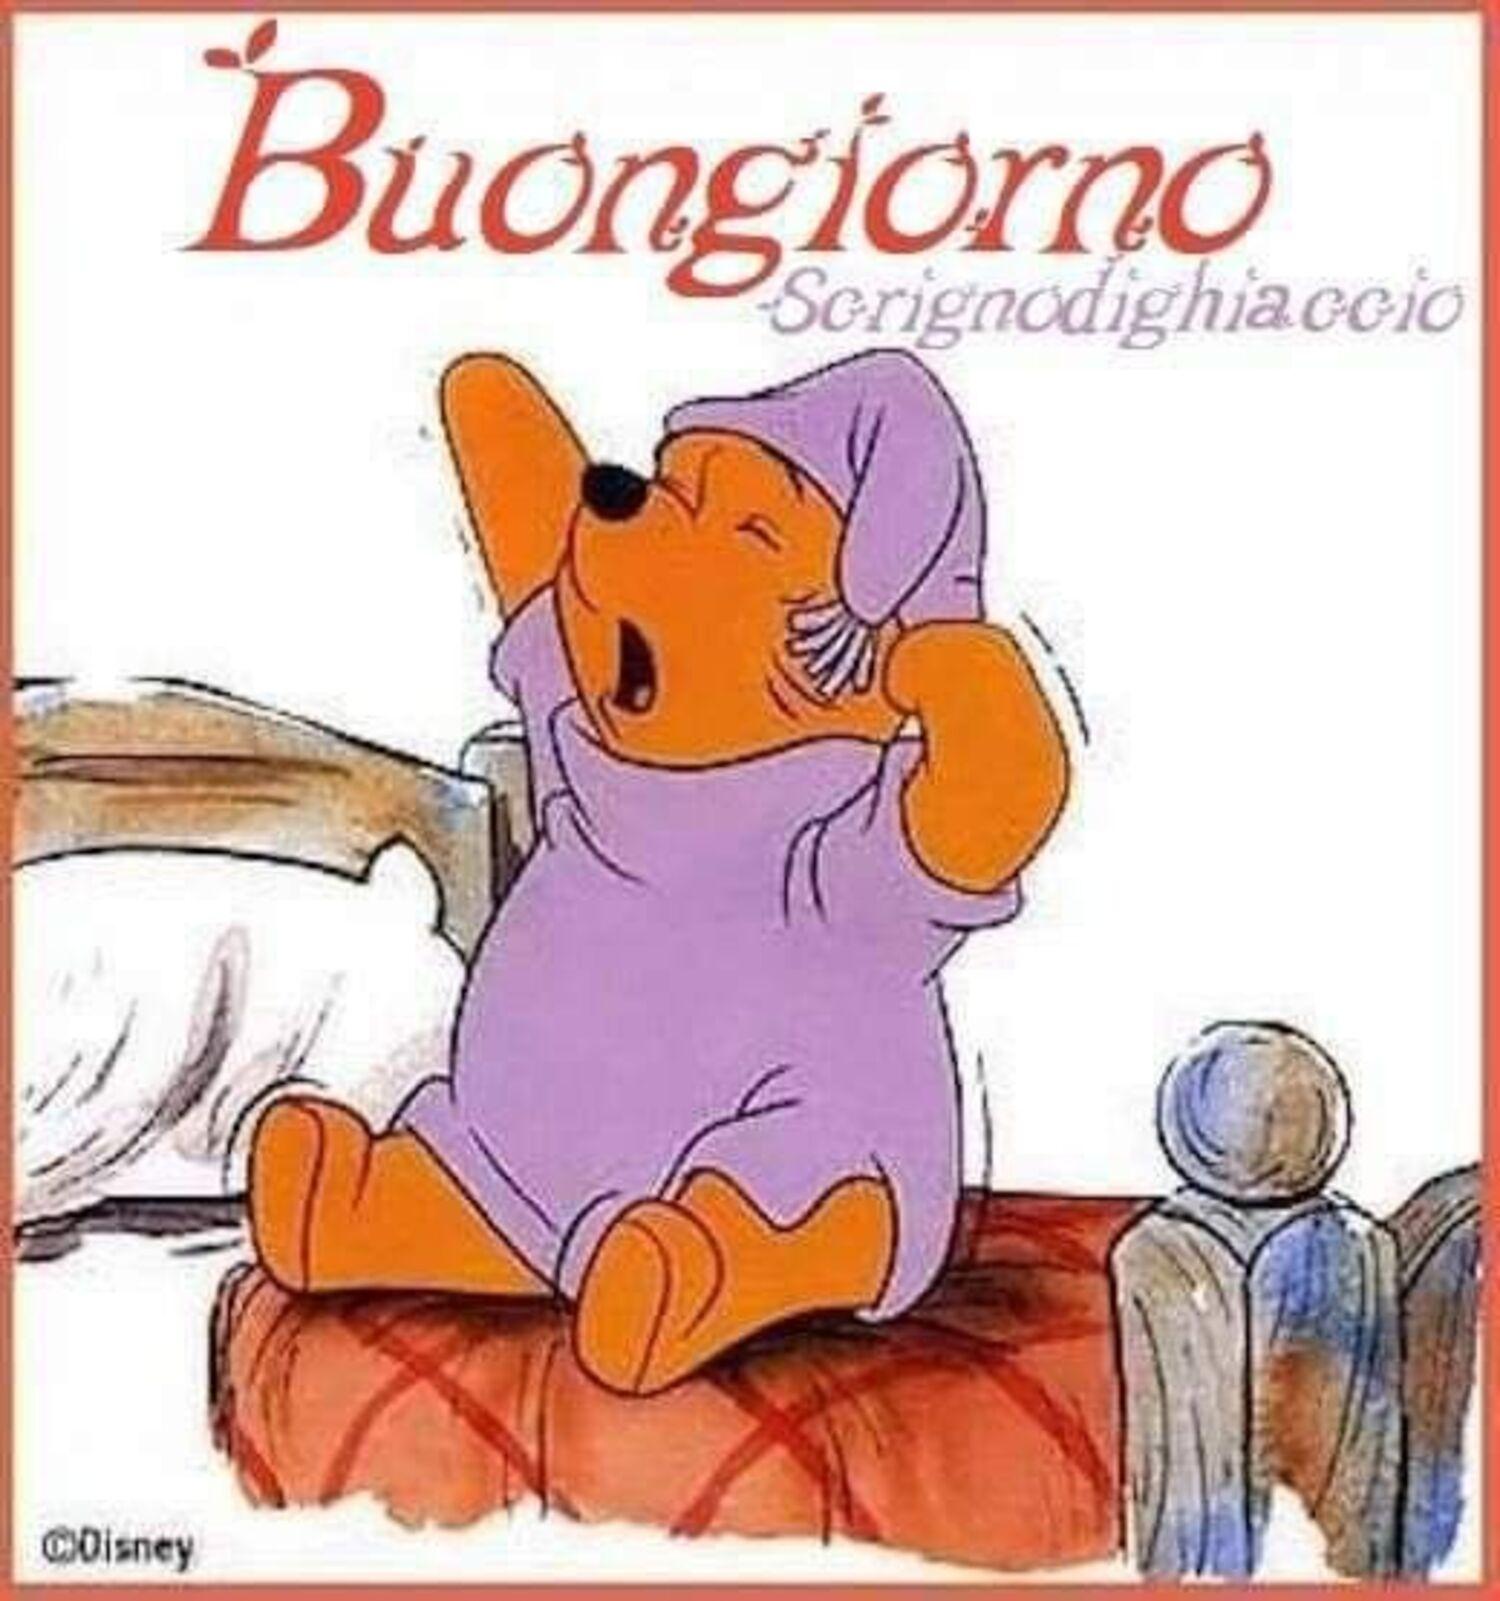 Buongiorno da Winnie The Pooh